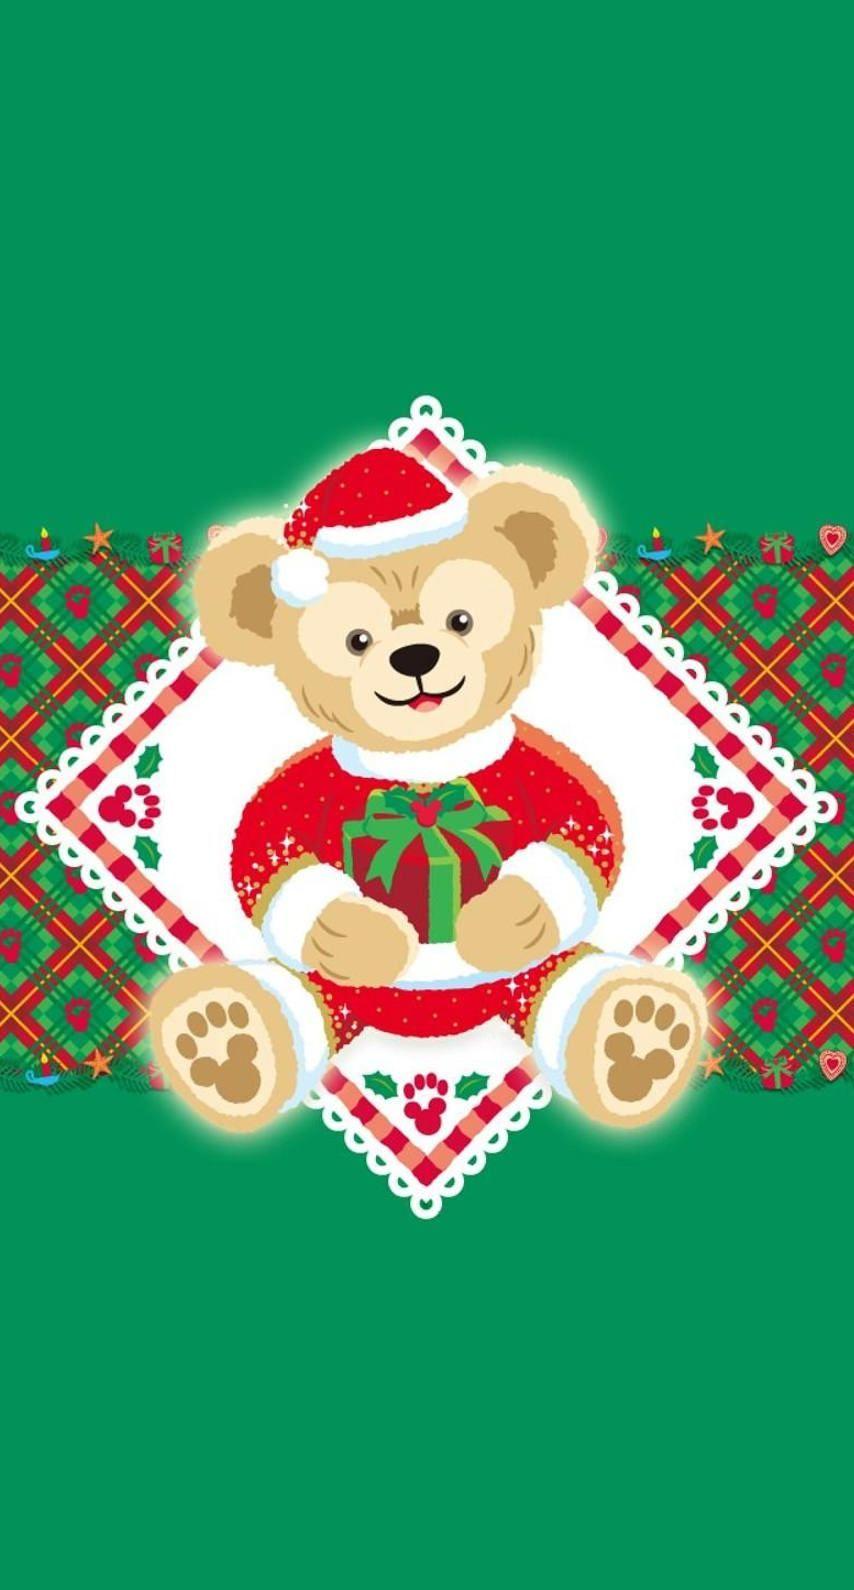 ディズニー クリスマスの絵